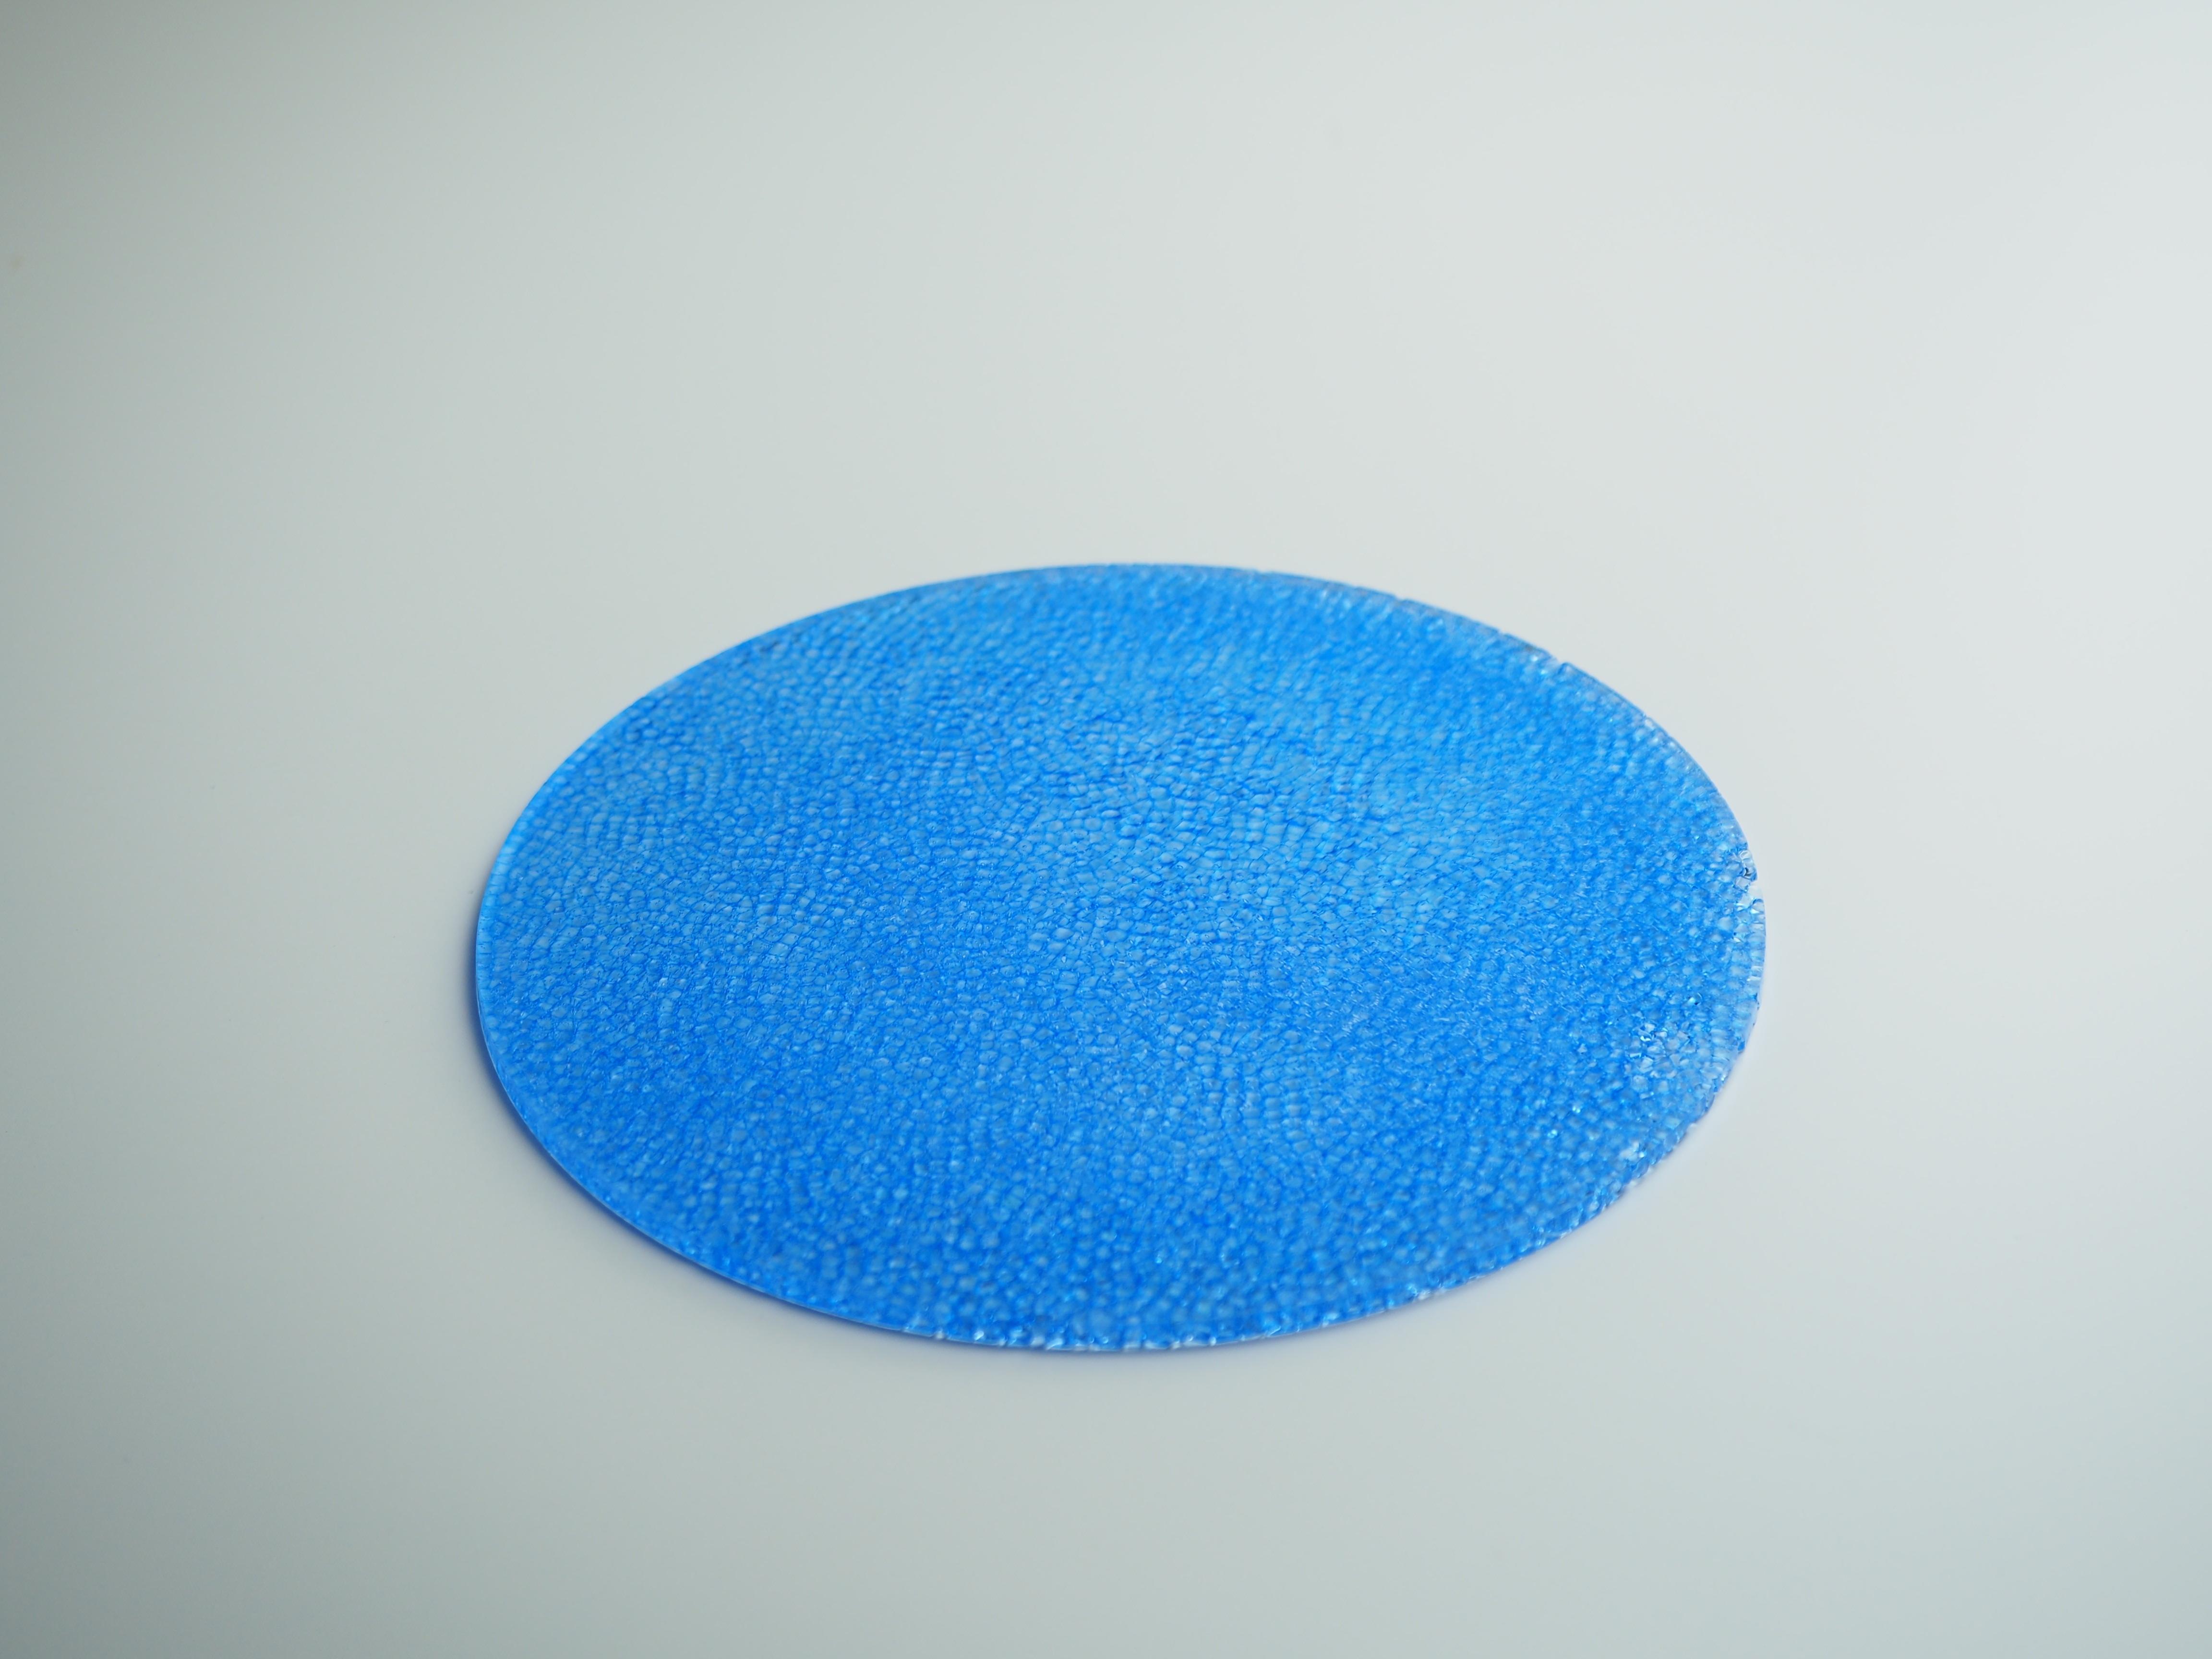 インテリアプレート-CL(水色)表面凹凸あり